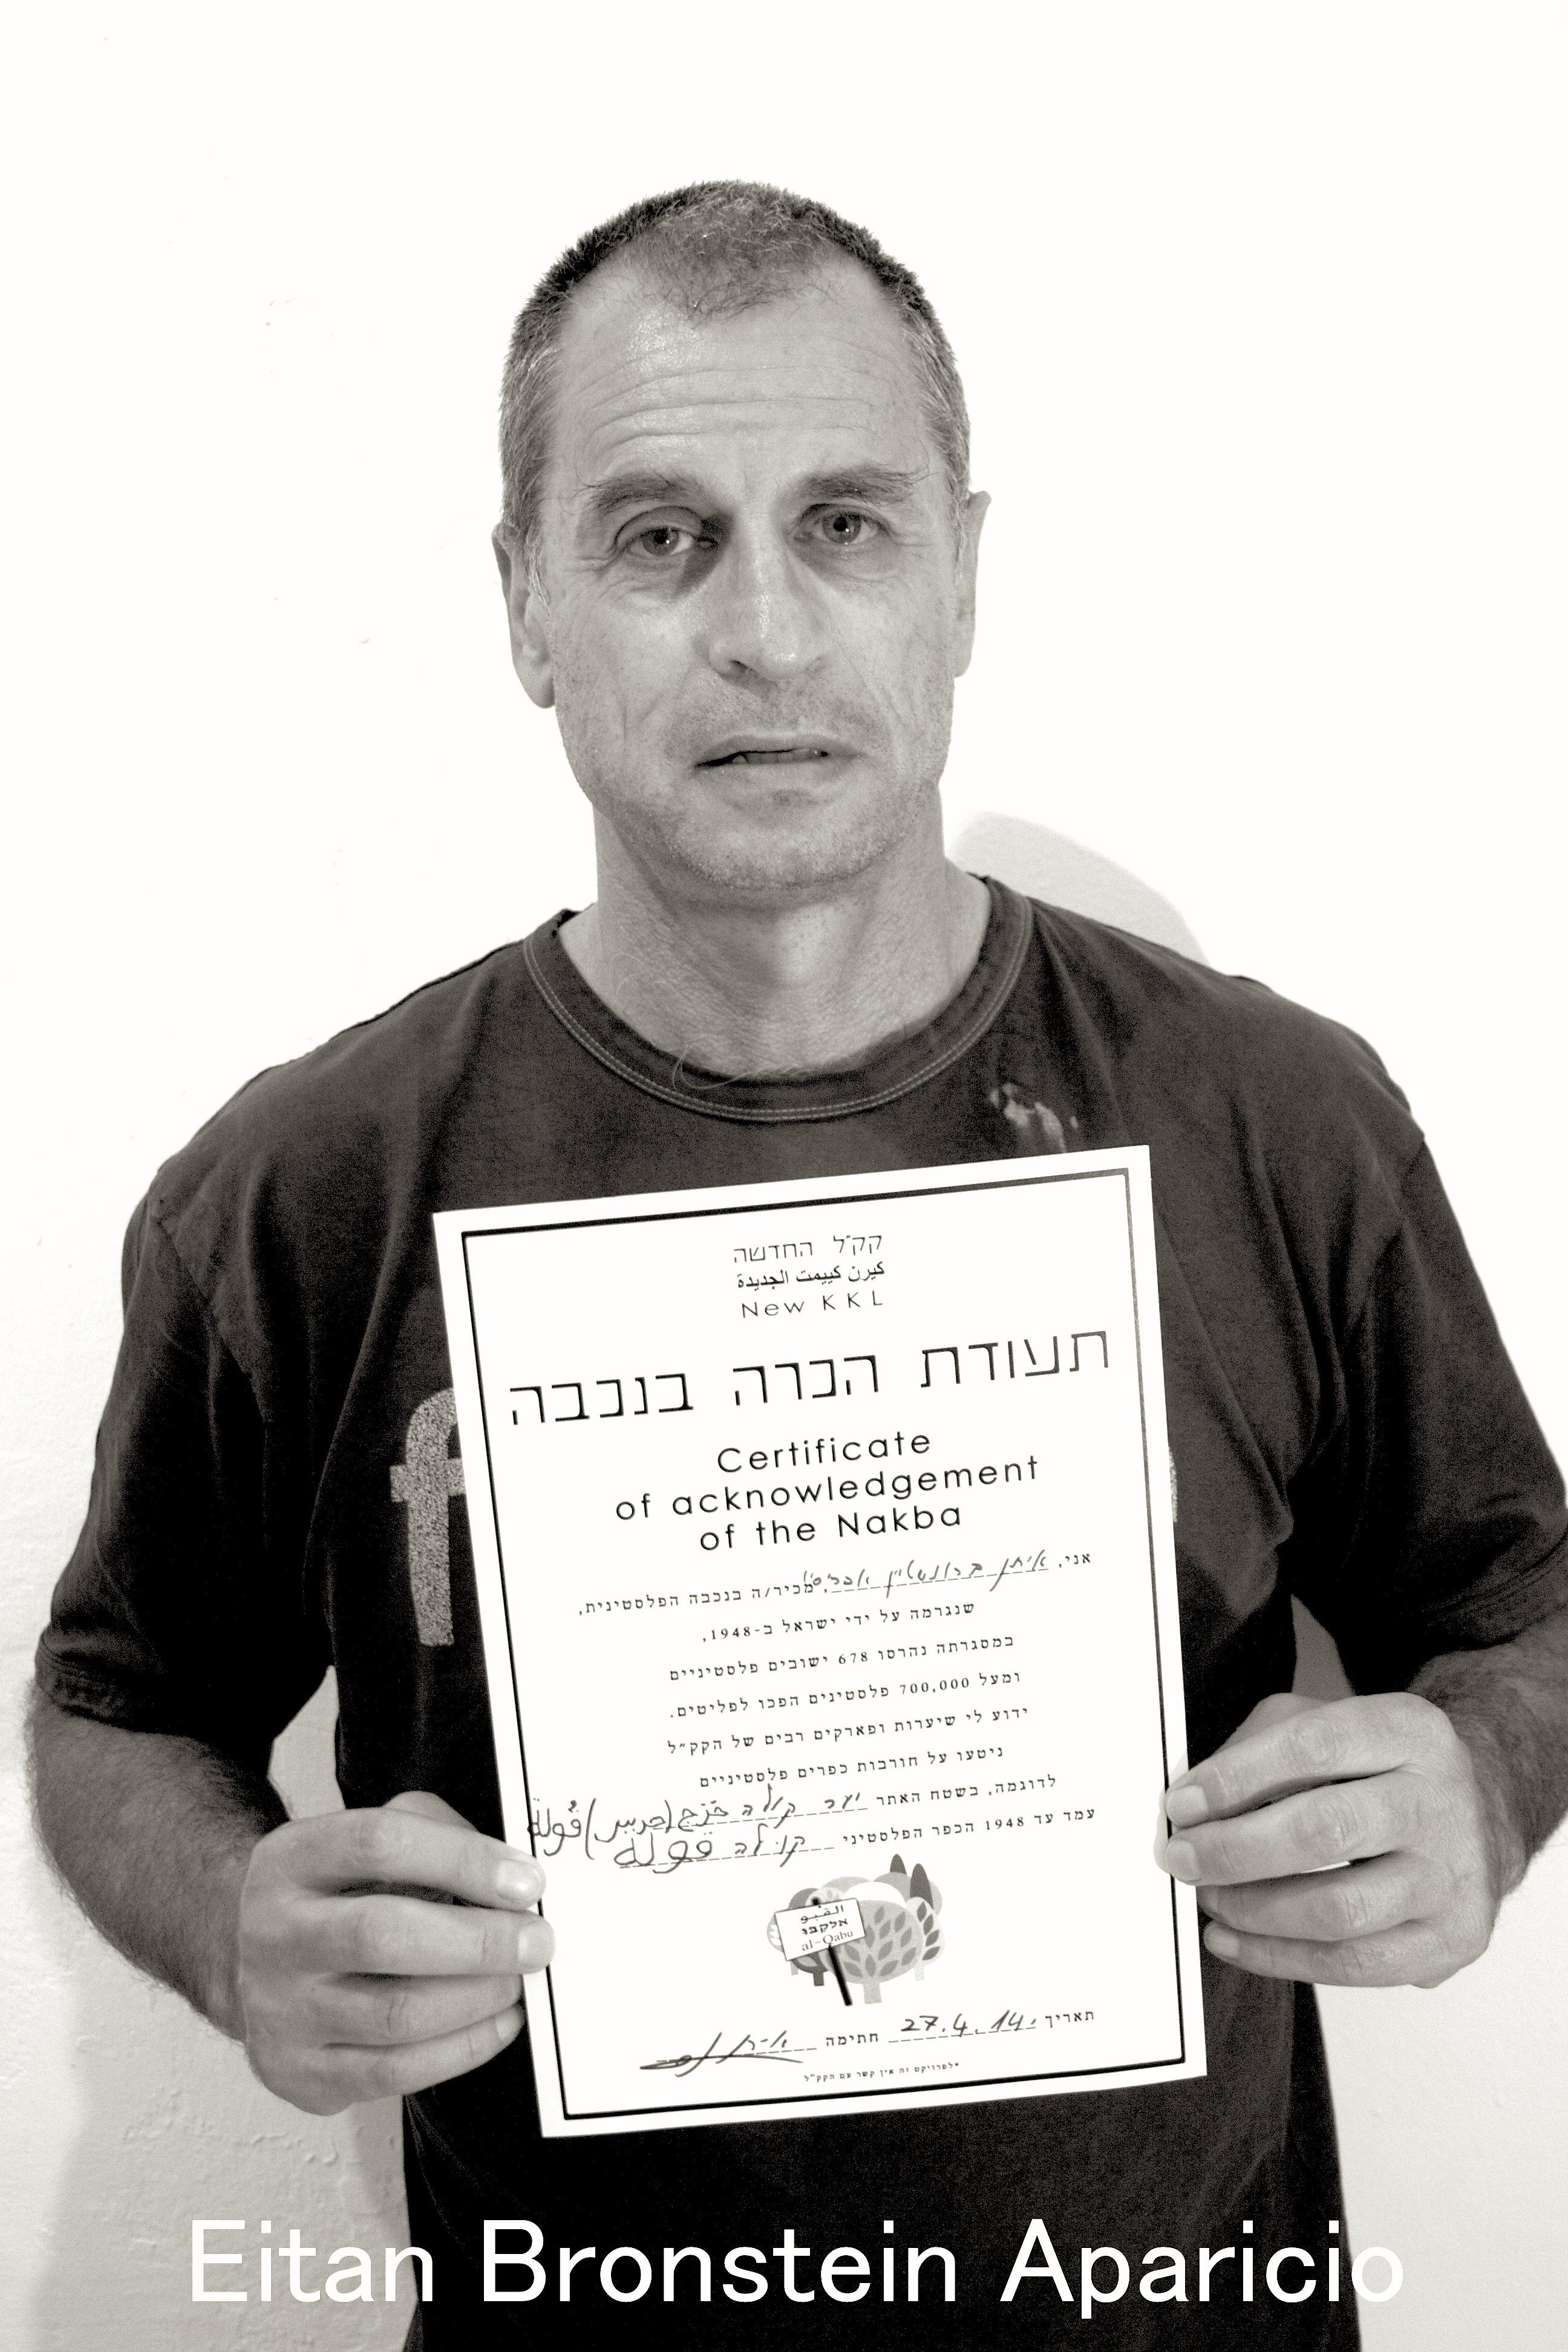 Eitan acknowledges the Nakba.